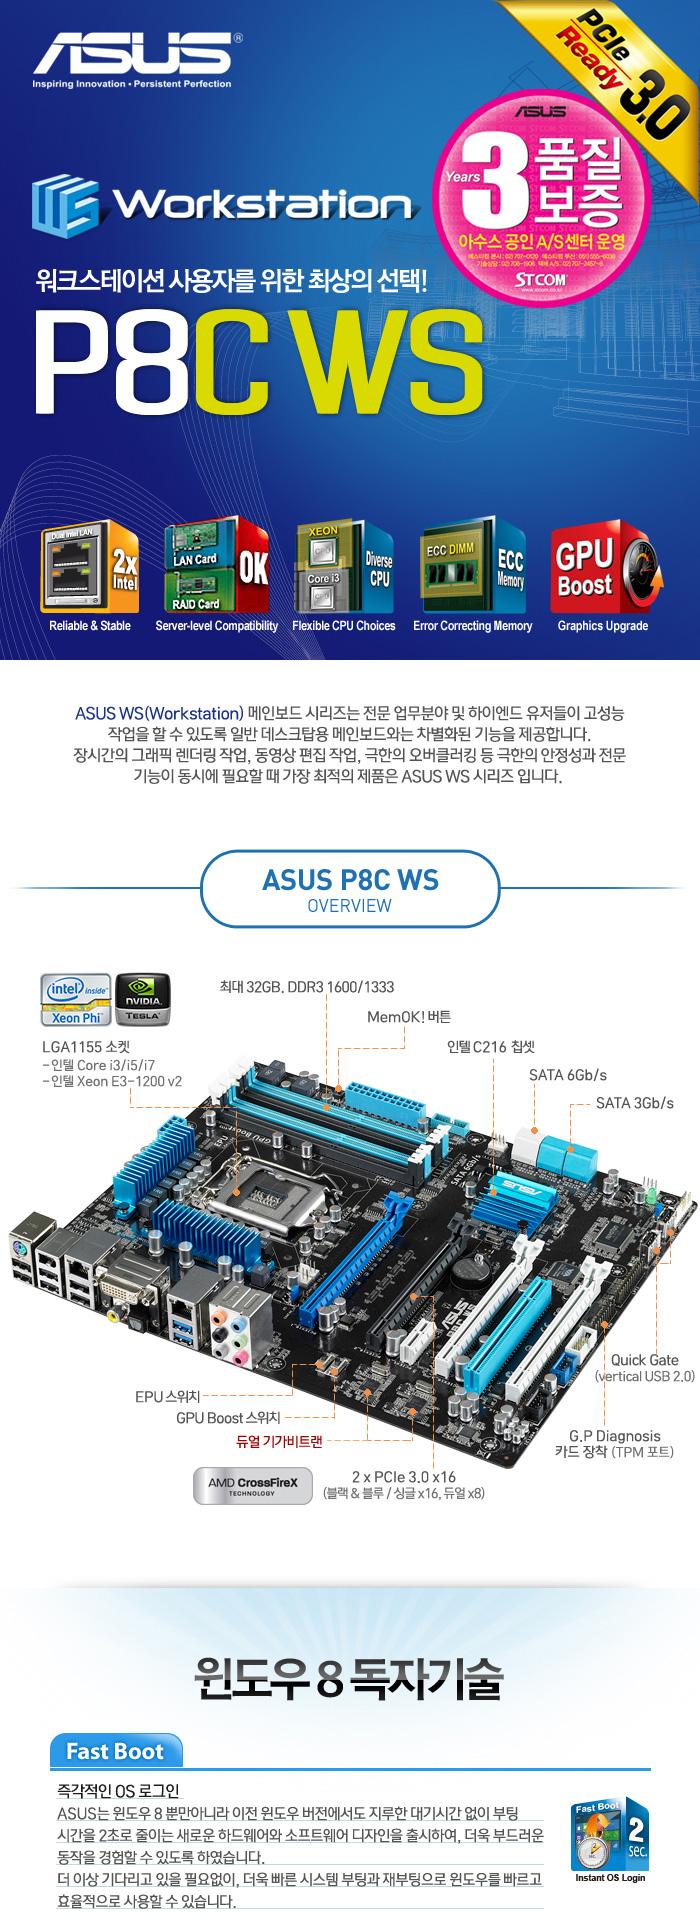 P8C-WS